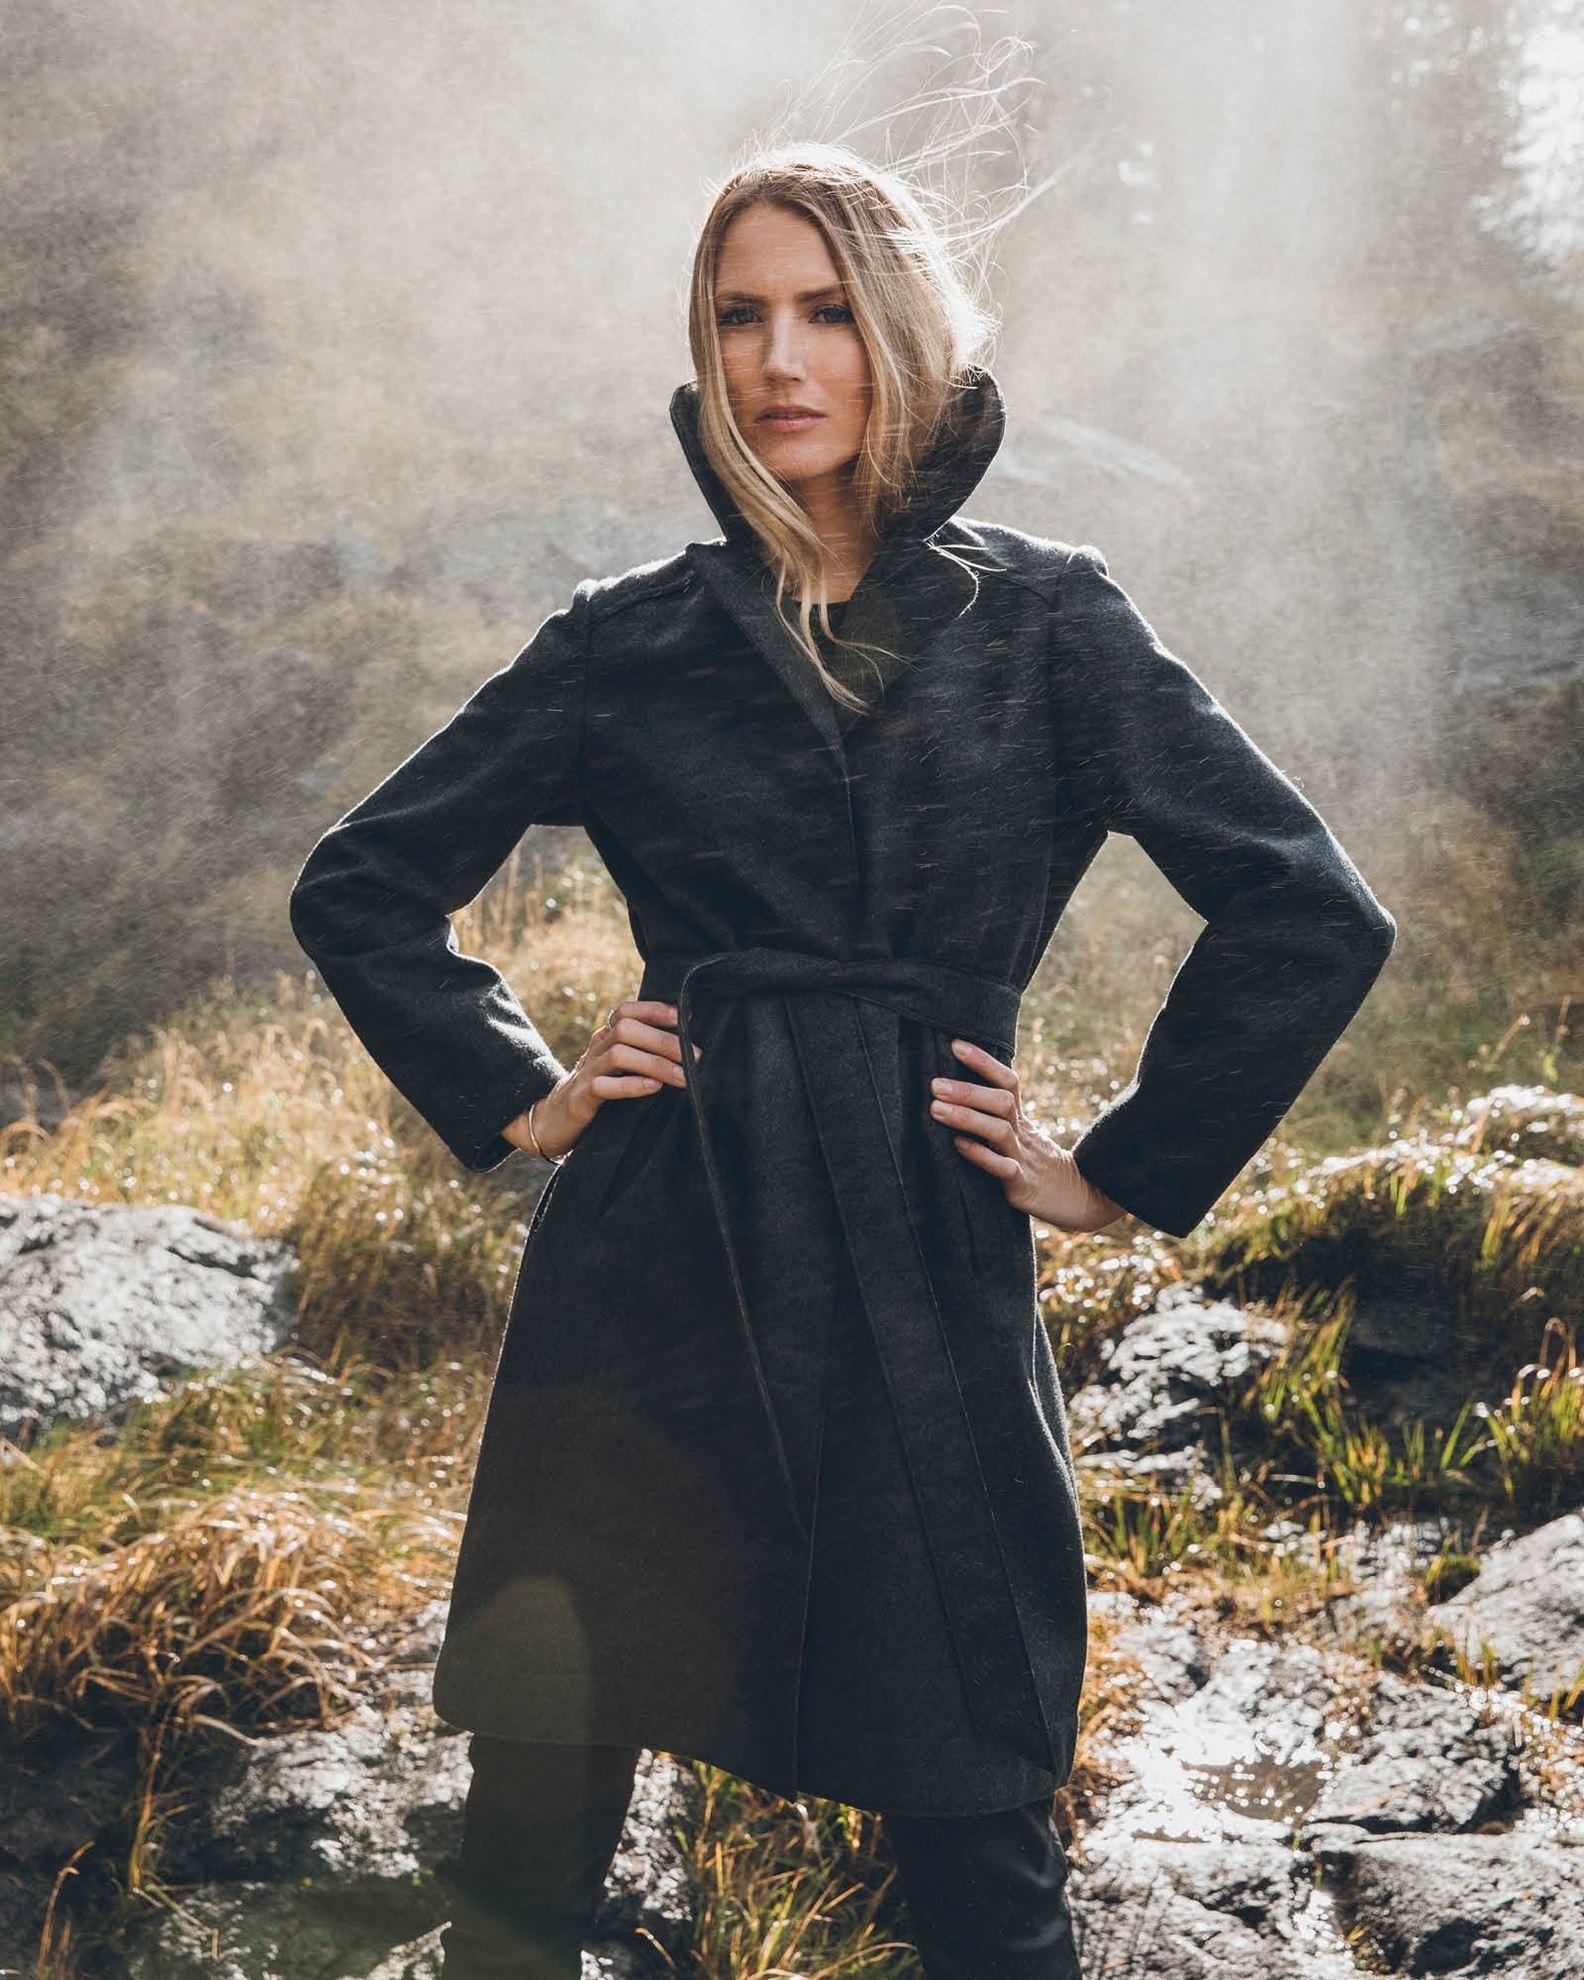 Dale of Norway Yr Weatherproof Jacket